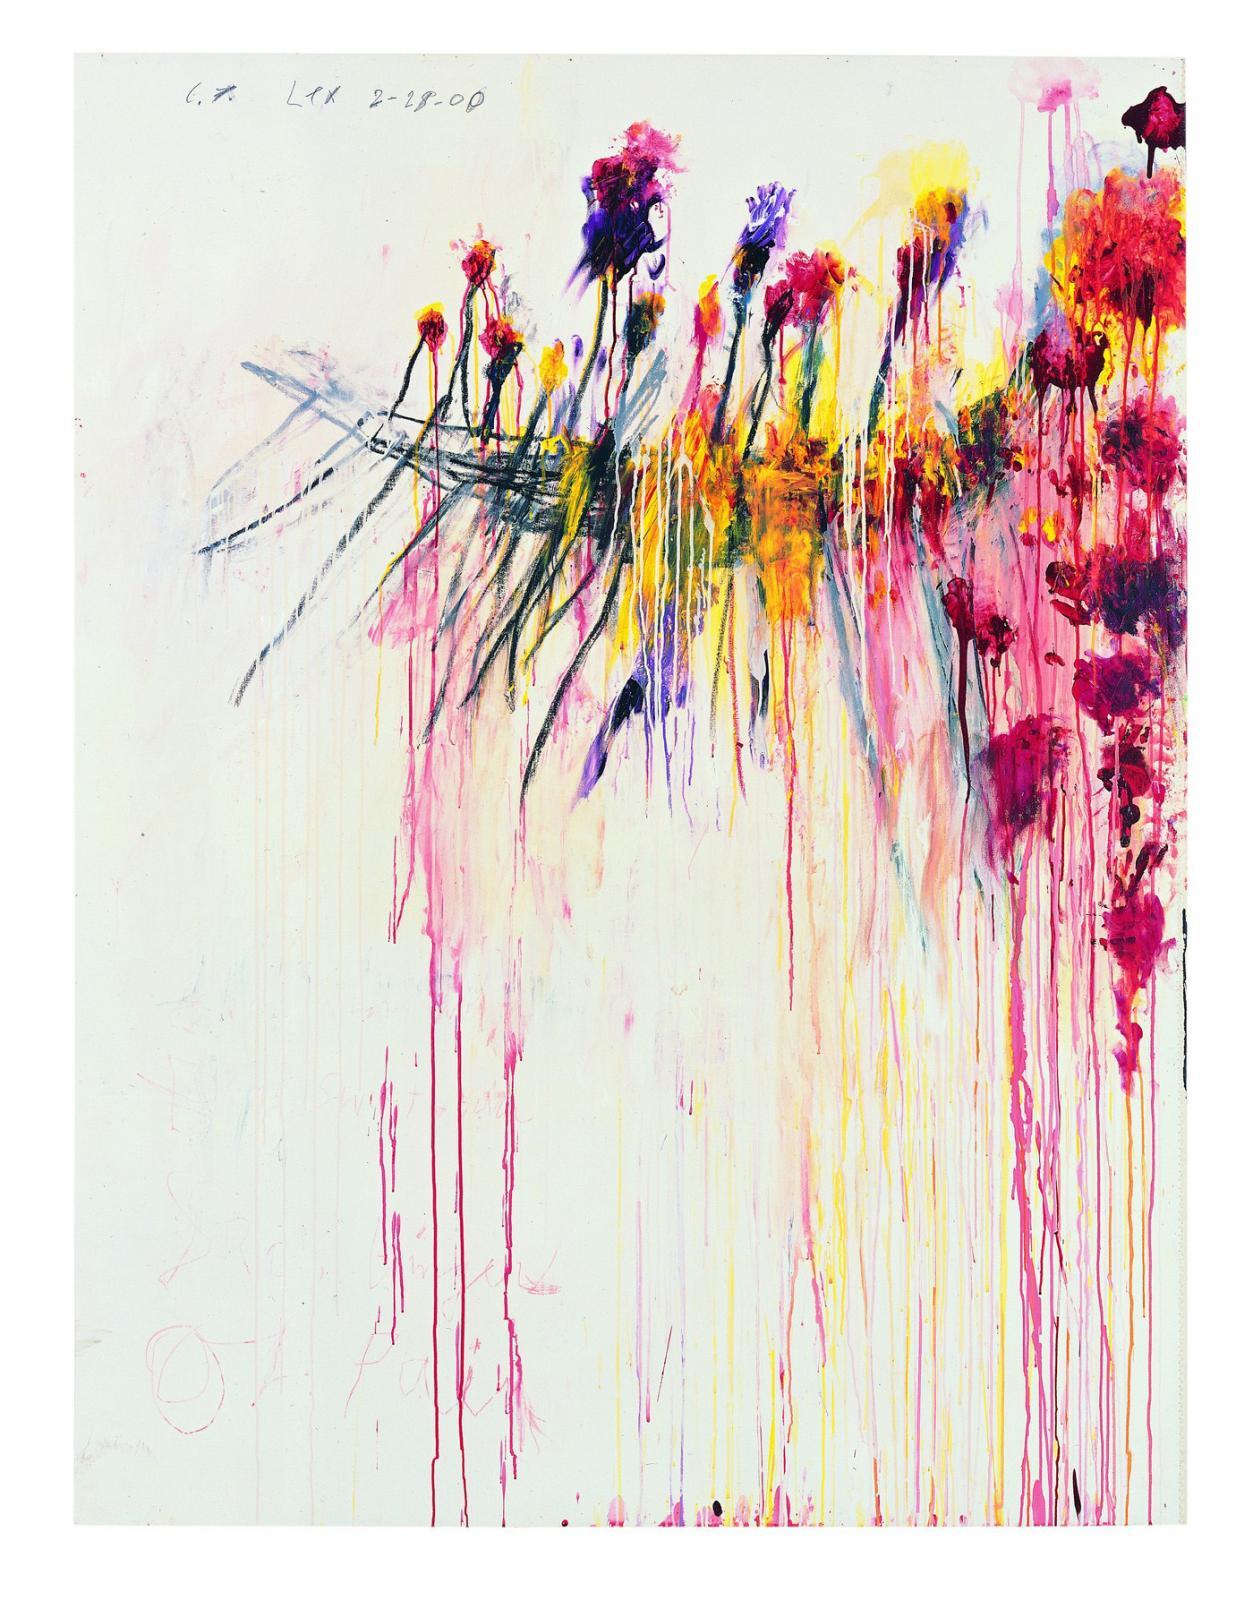 Cy Twombly, Coronation of Sesostris, 2000, partieV, acrylique, crayon à la cire, mine de plomb sur toile, 206,1x156,5cm, collection Pinault.